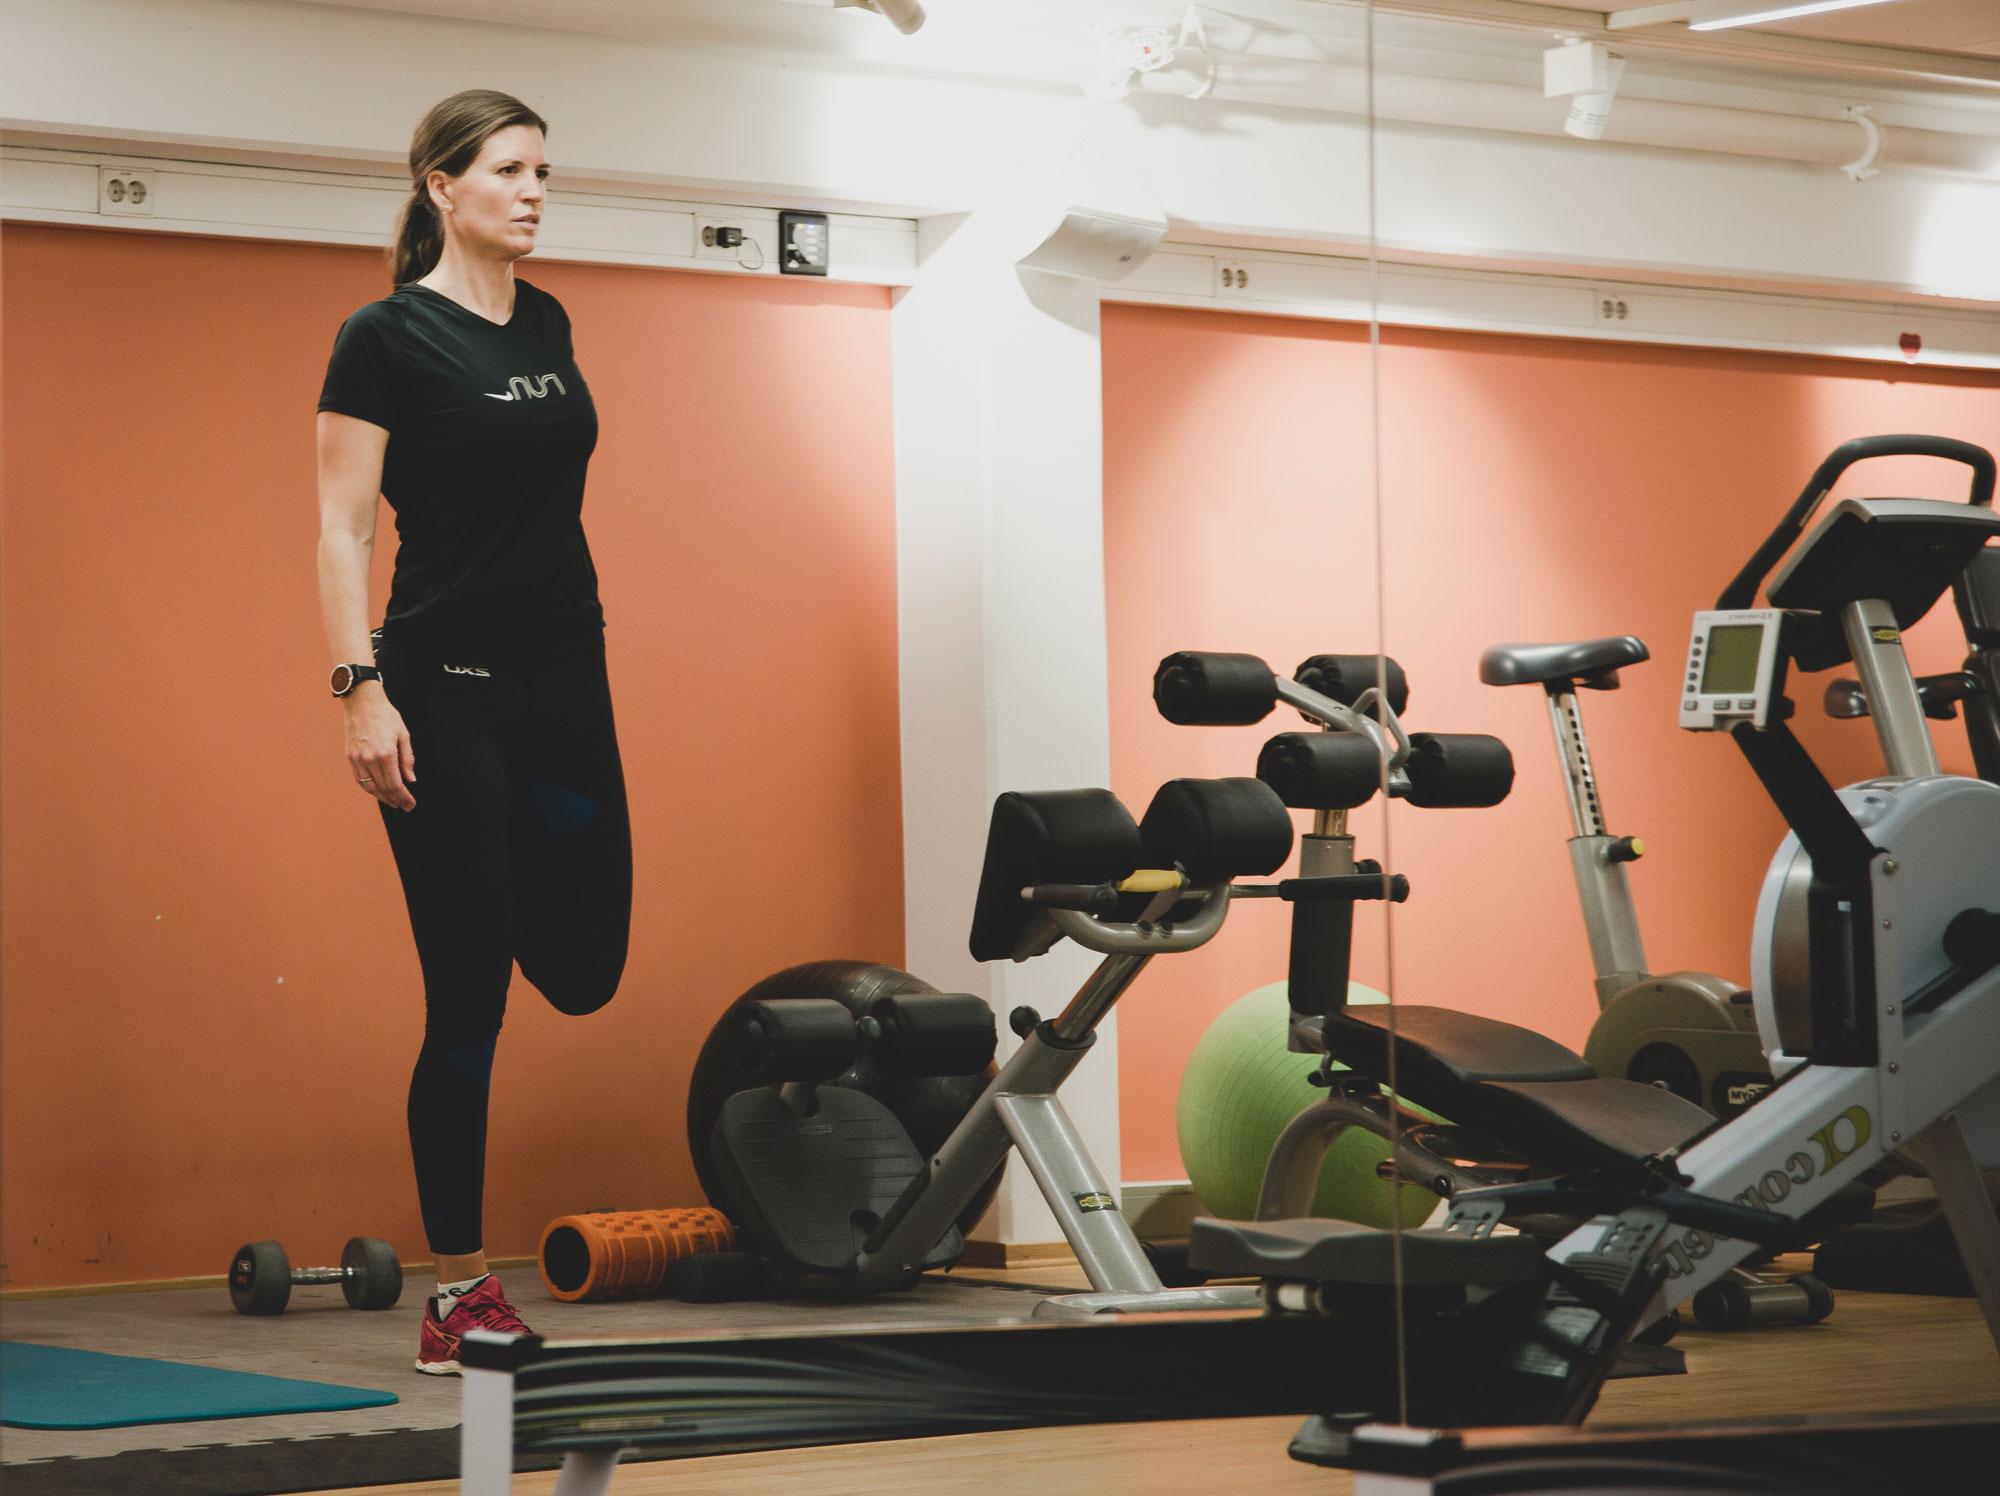 TRENER I LUNSJEN: Hos If inkluderer de trening i arbeidstiden. – Som småbarnsmor er det ikke alltid jeg får tid til å trene om morgenen, og da er det supert å ta det i lunsjen, sier Solveig Thommessen, advokat innen personskade hos If.